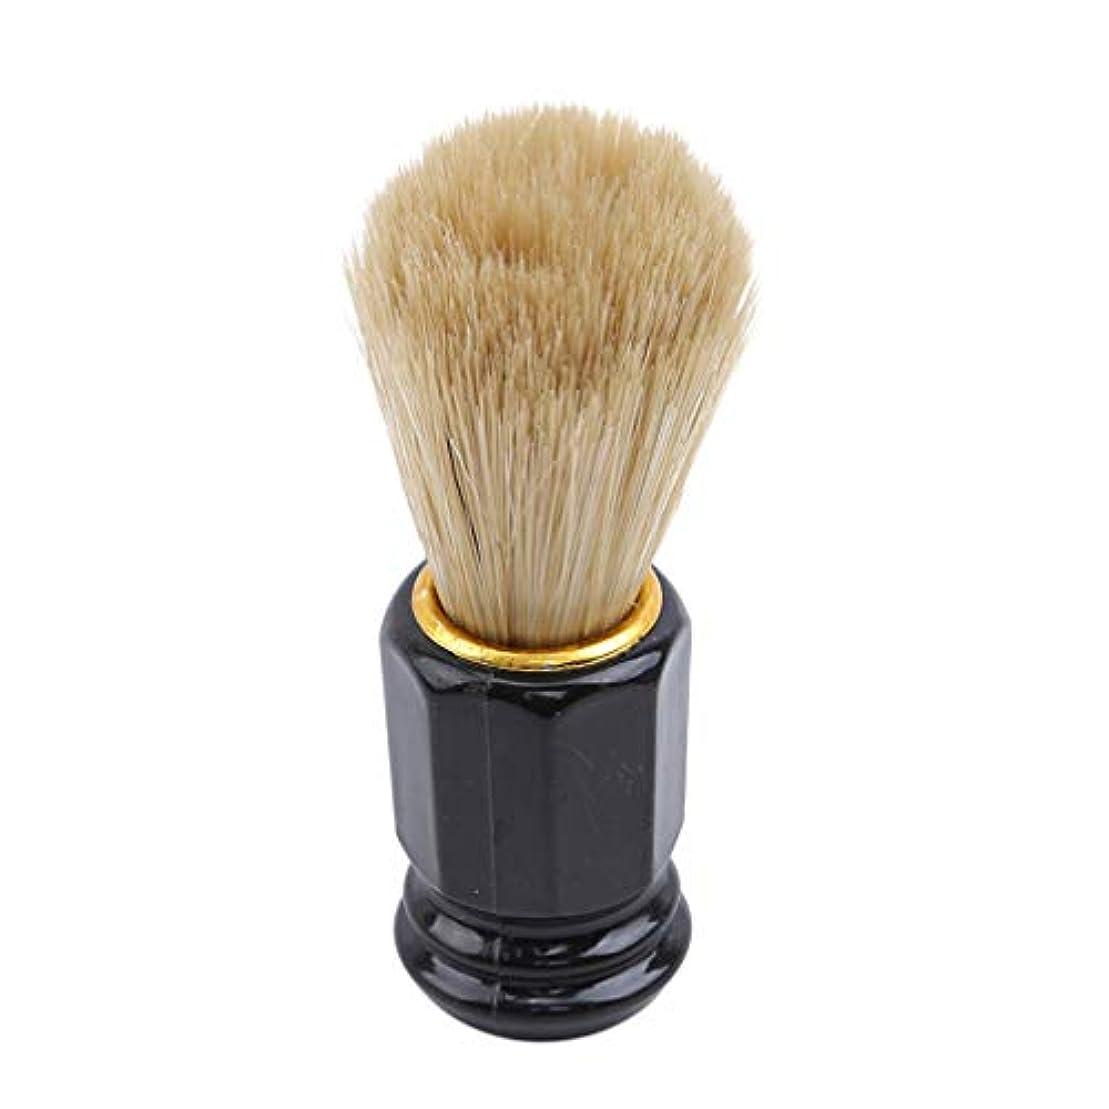 浸漬ネスト団結火の色 ひげブラシ シェービングブラシ 美容ツール 理容 洗顔 髭剃り 泡立ち 男性